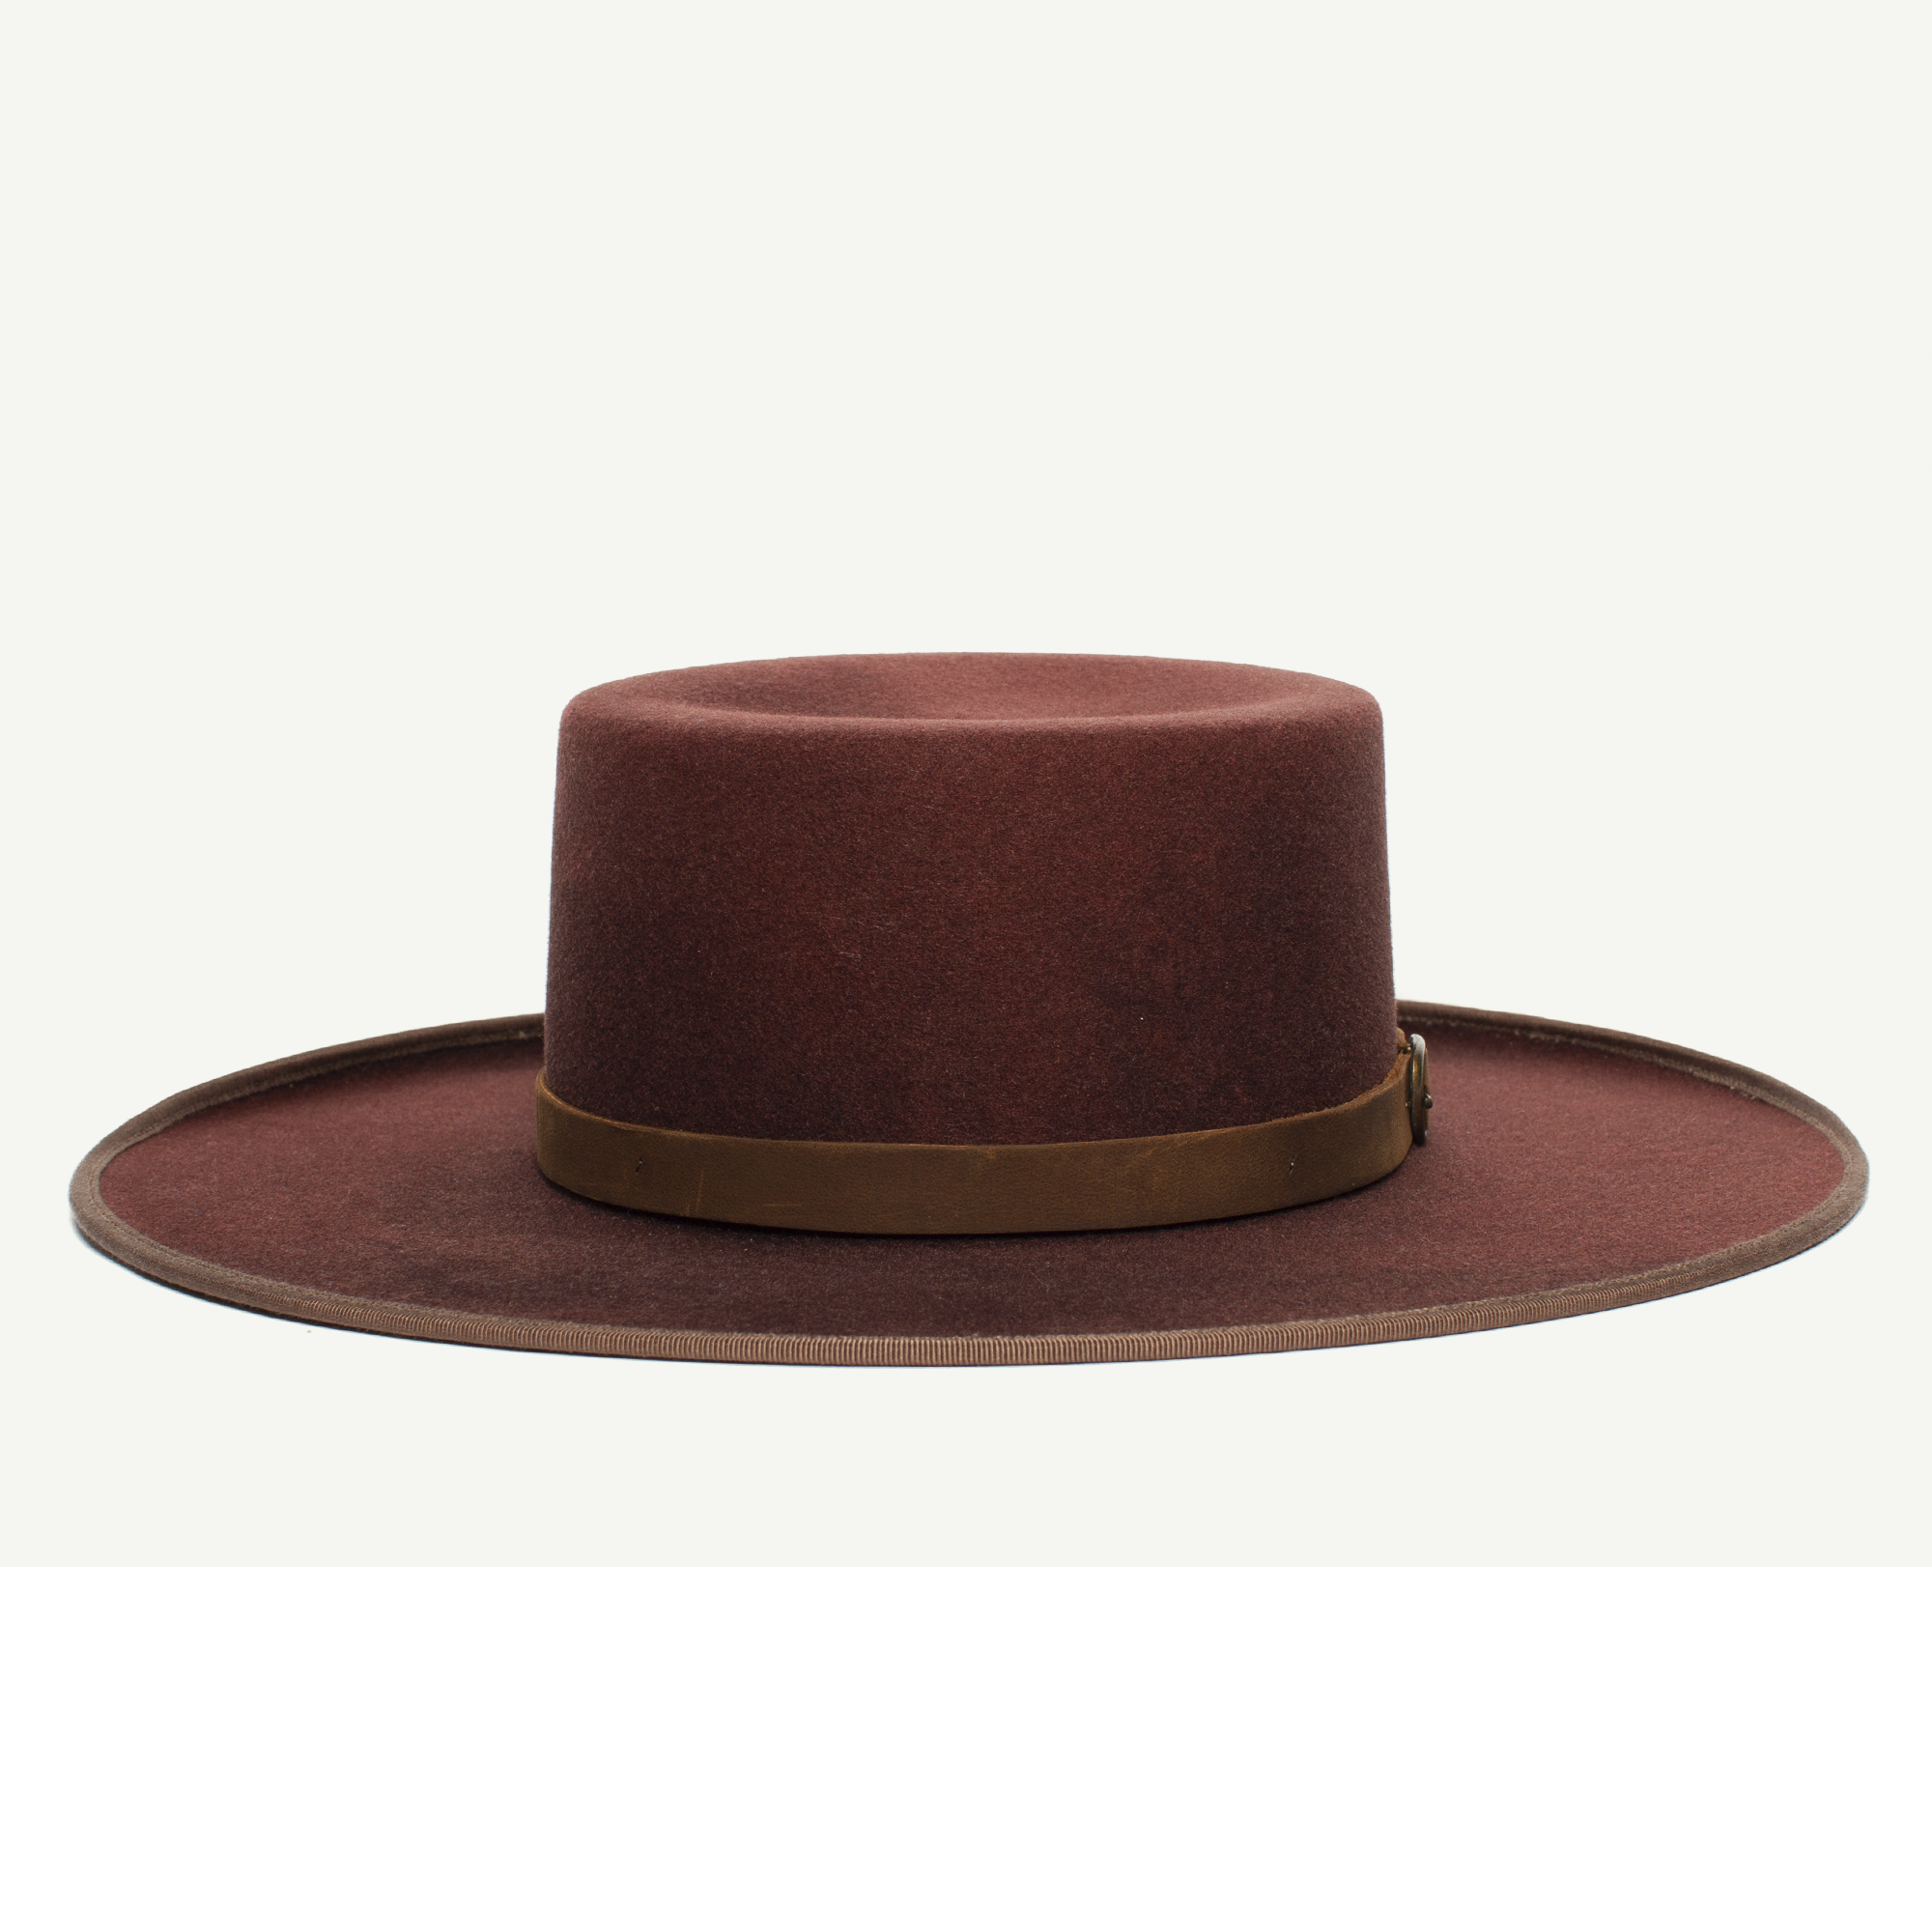 21735ad0b9d89 Colonel Pierce Felt Fedora Hat